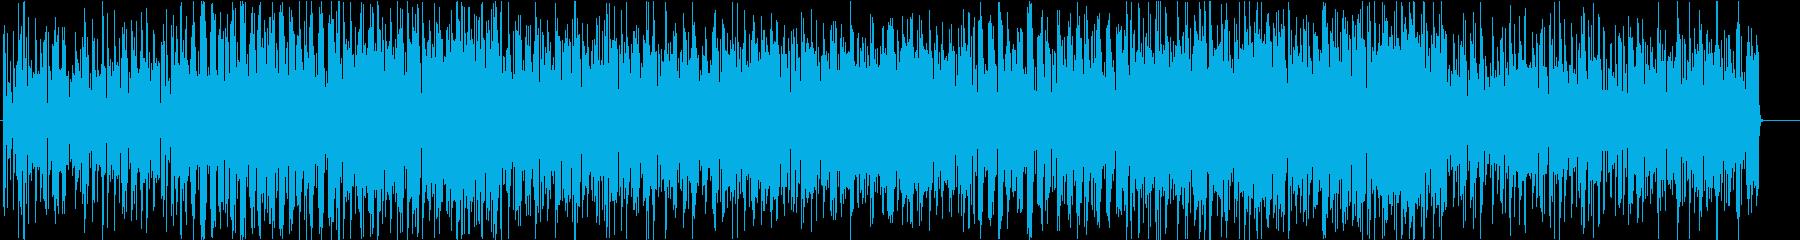 グルーヴィーなファンク調ポップスの再生済みの波形